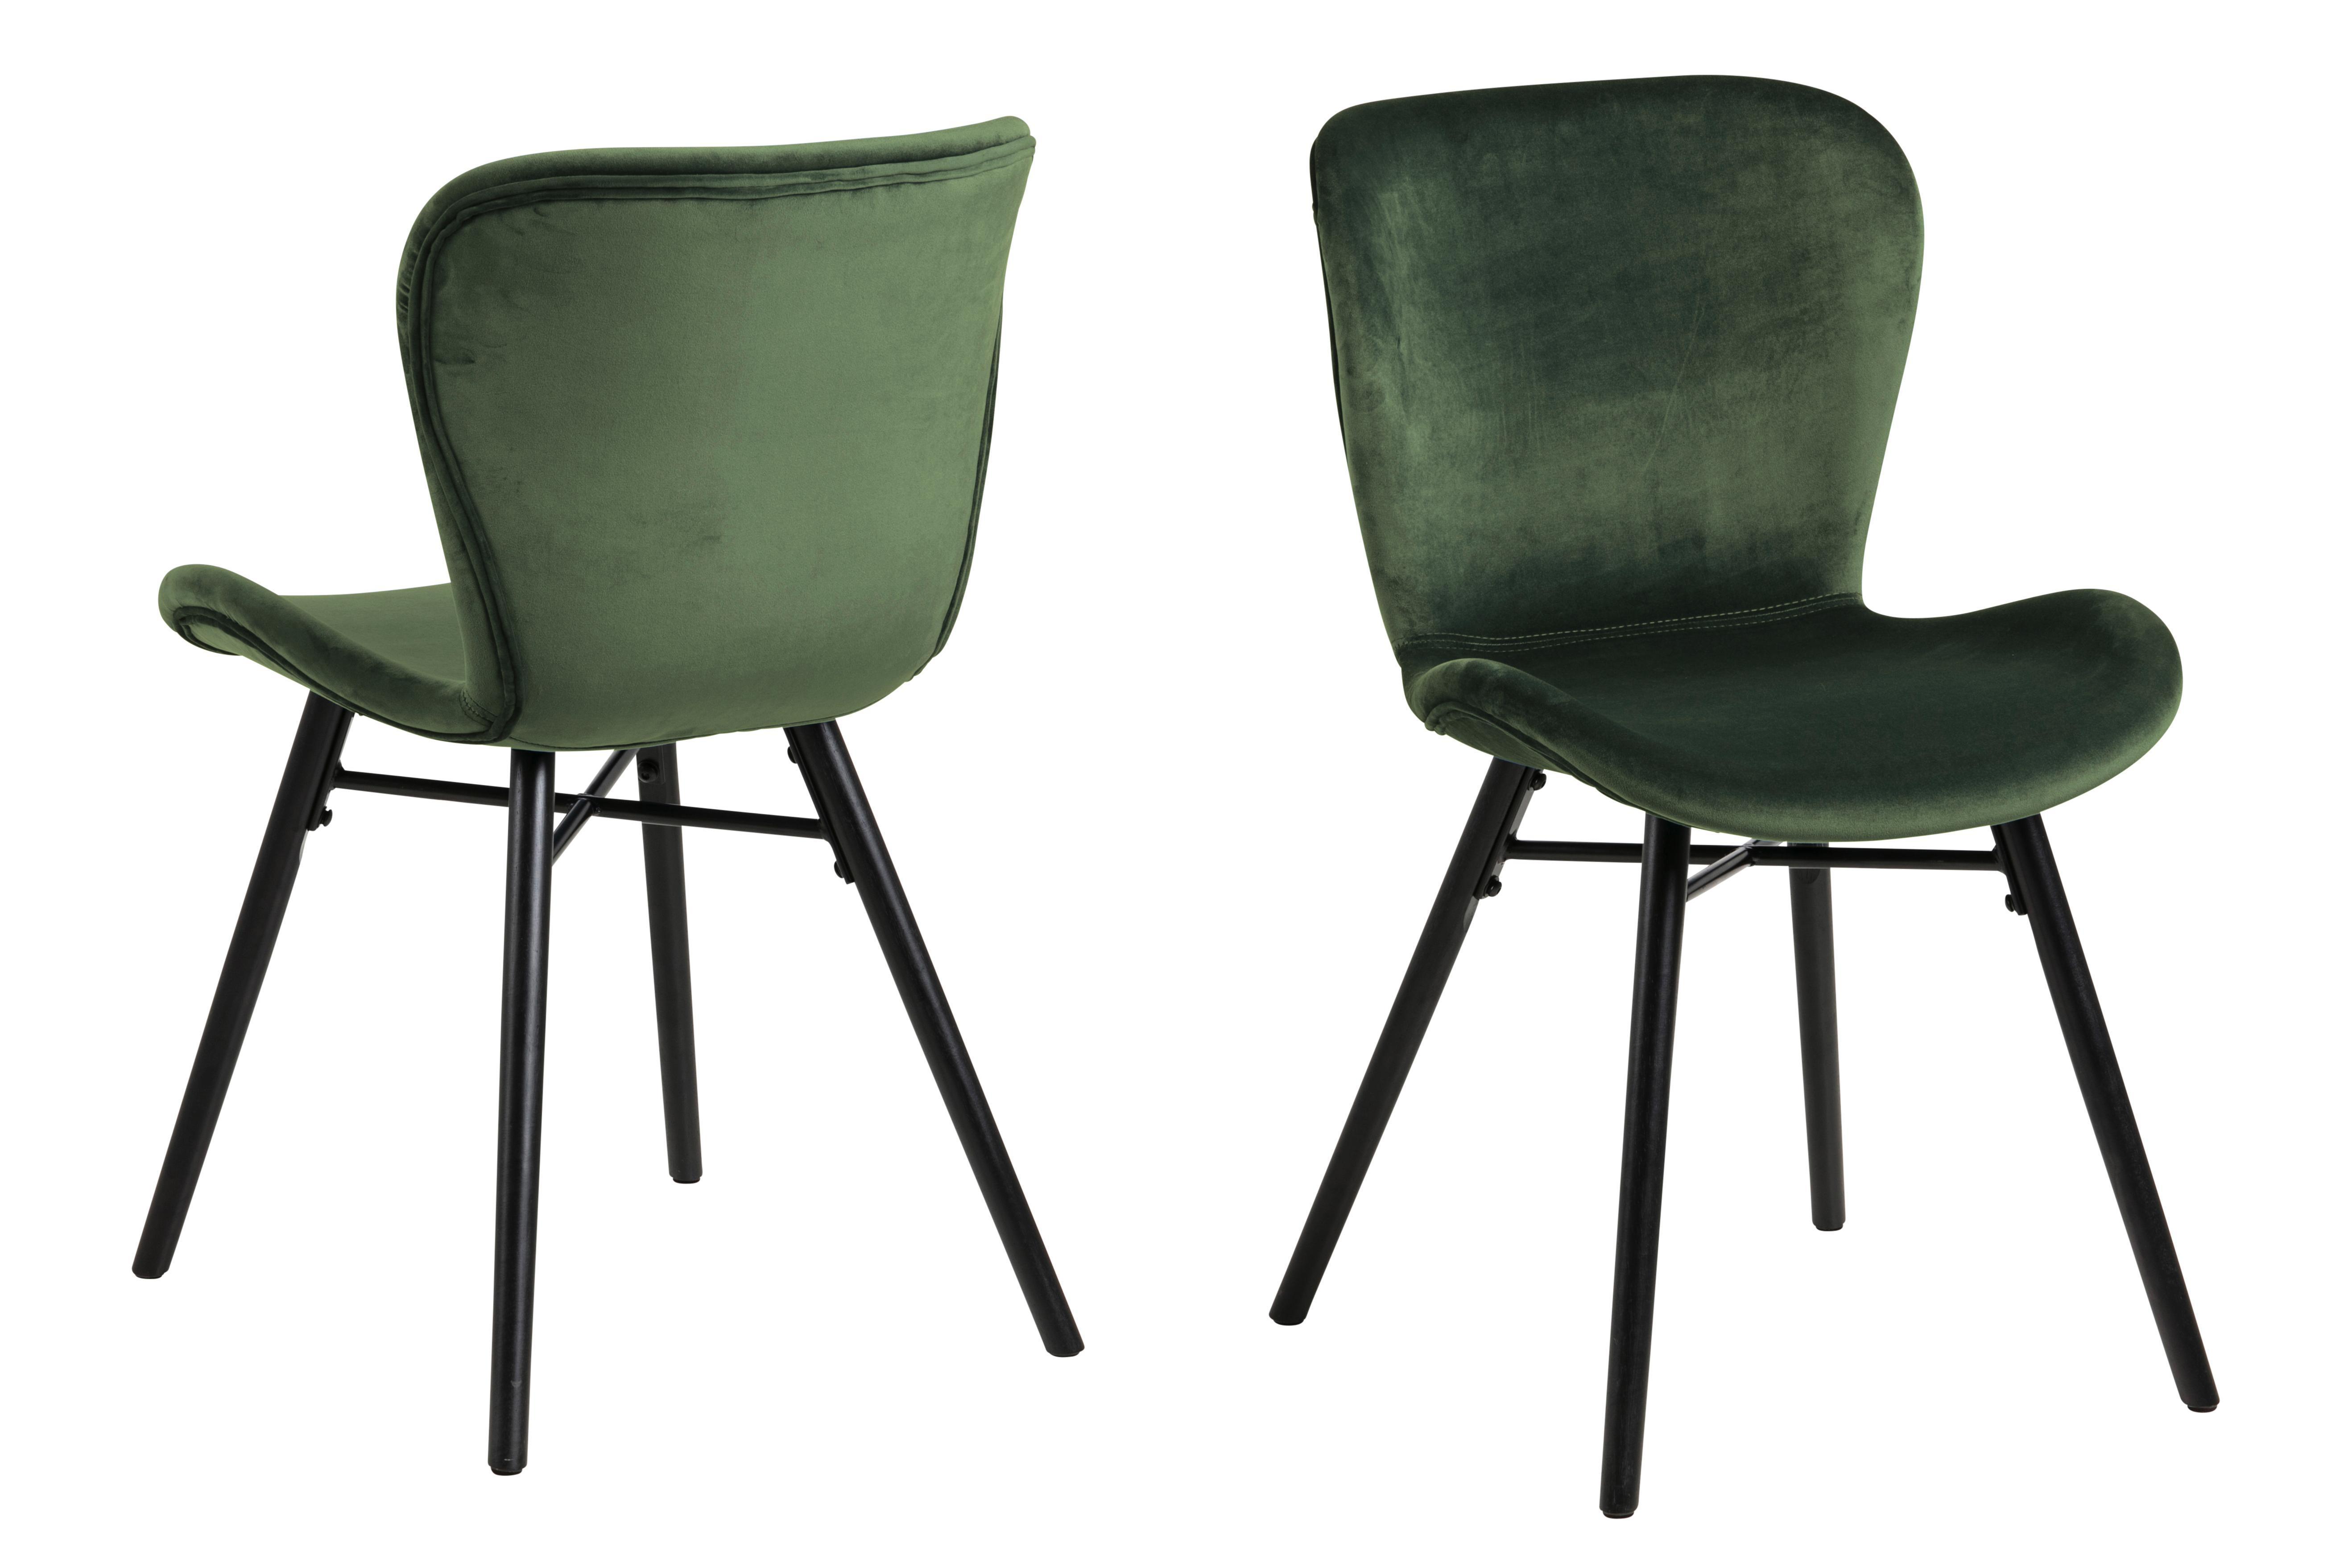 Stuhl Aus Holz Und Metall In Grün Hier Kaufen